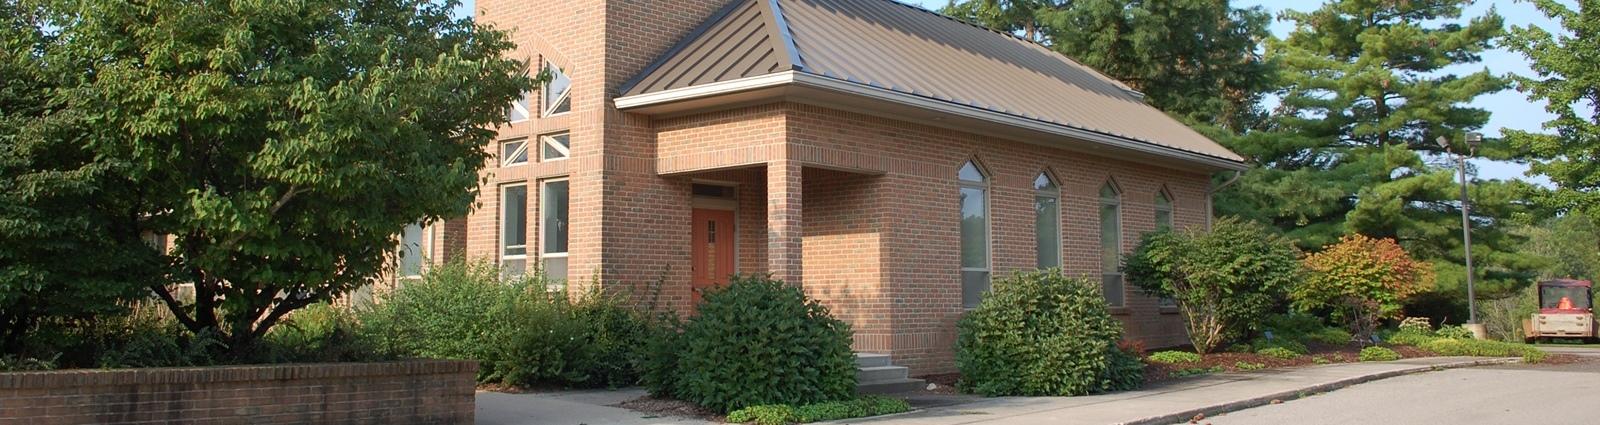 DSC_7486-crop-crop-chapel